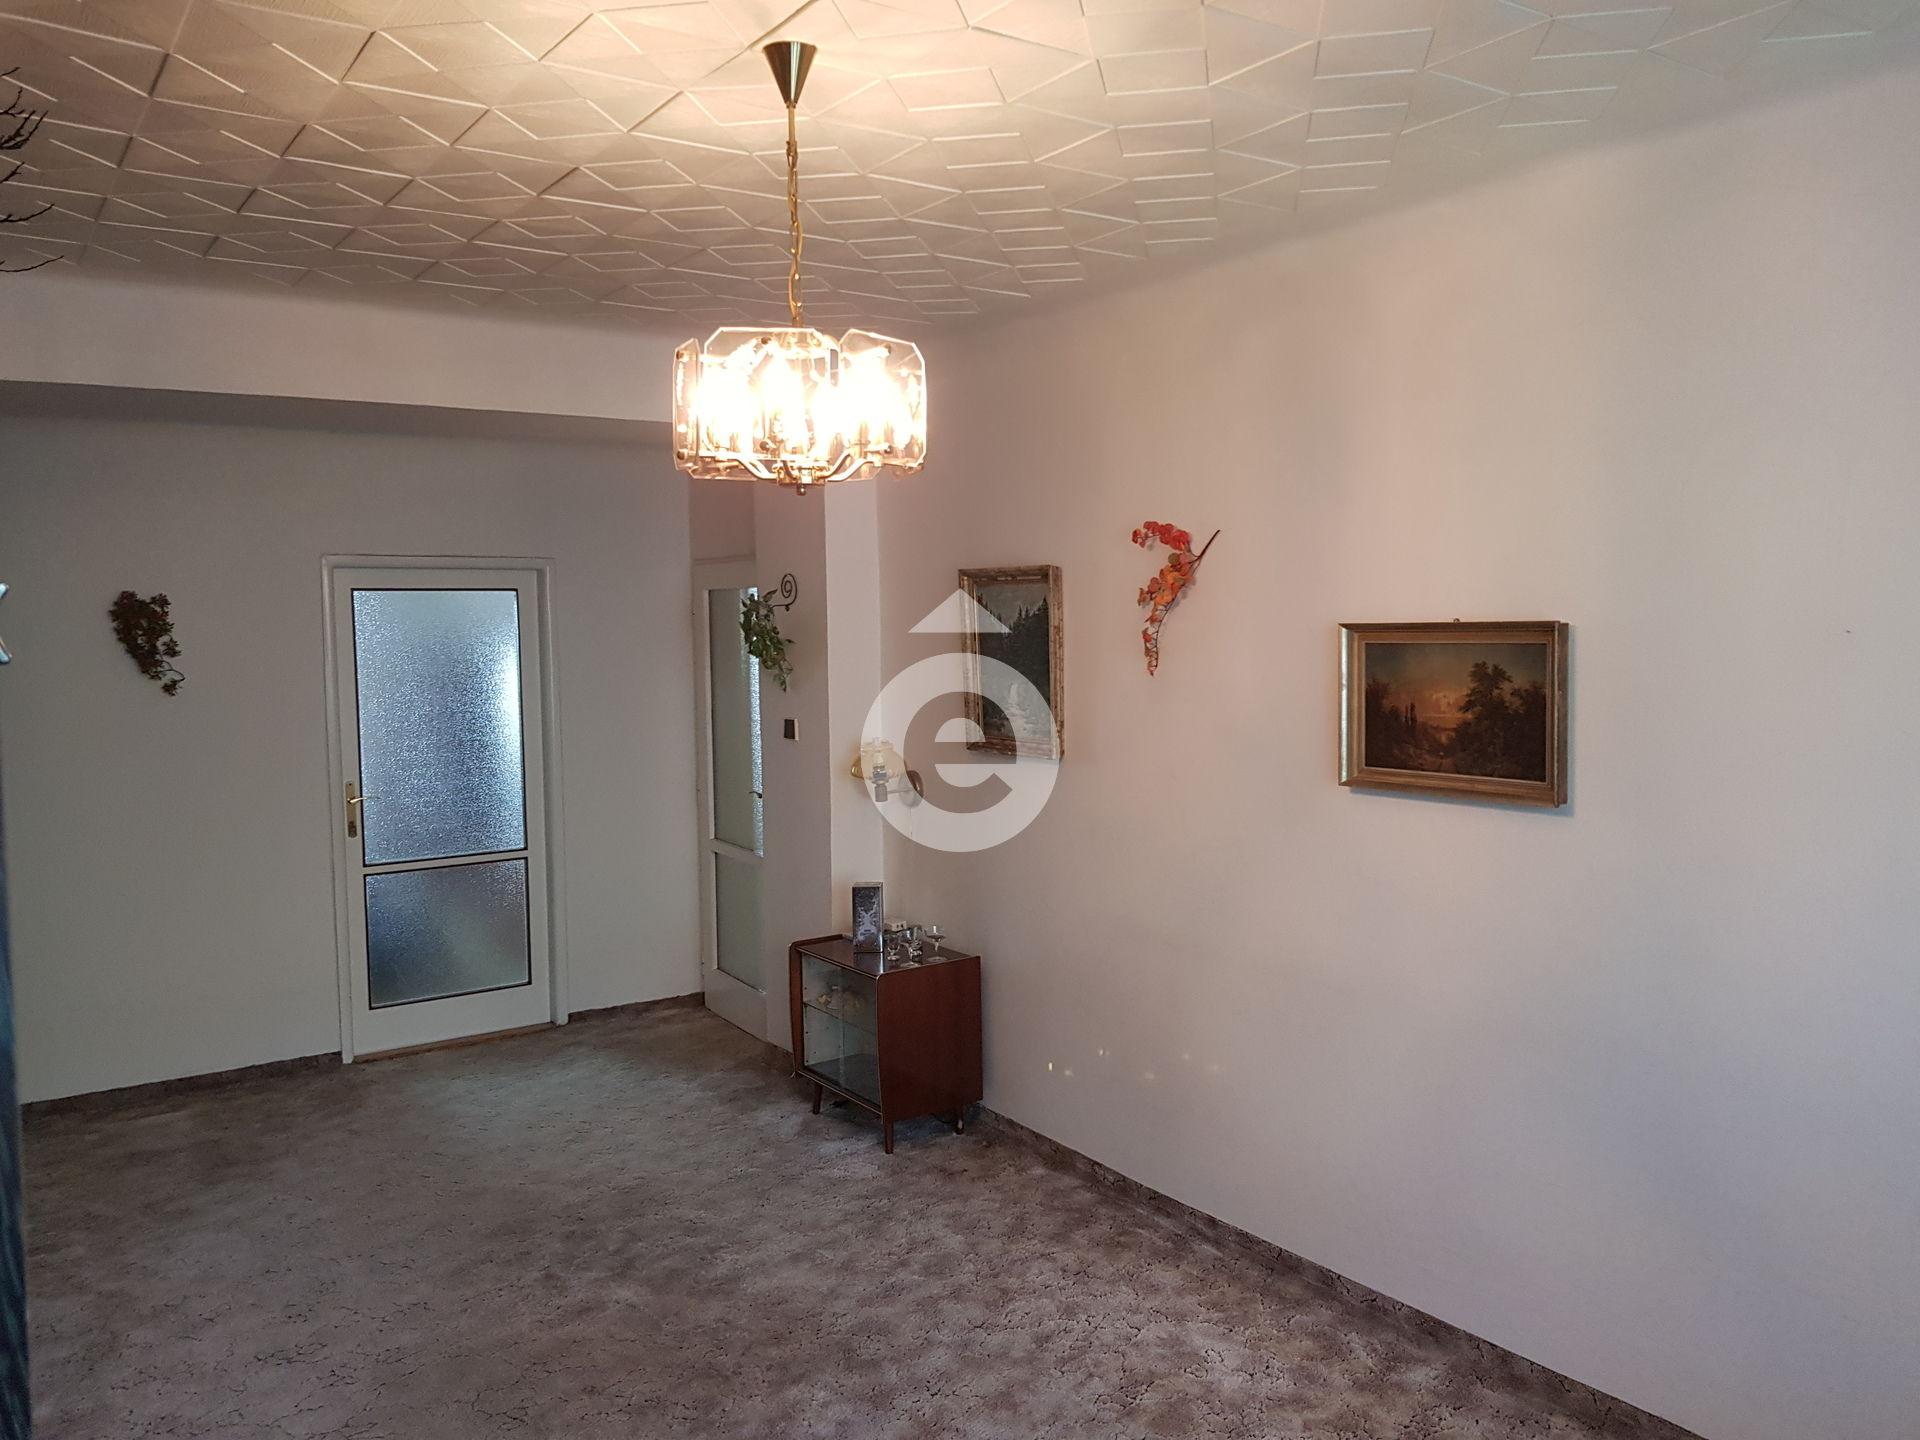 למכירה דירת 2+1 בגודל 48 מר בפראג 14 (5)